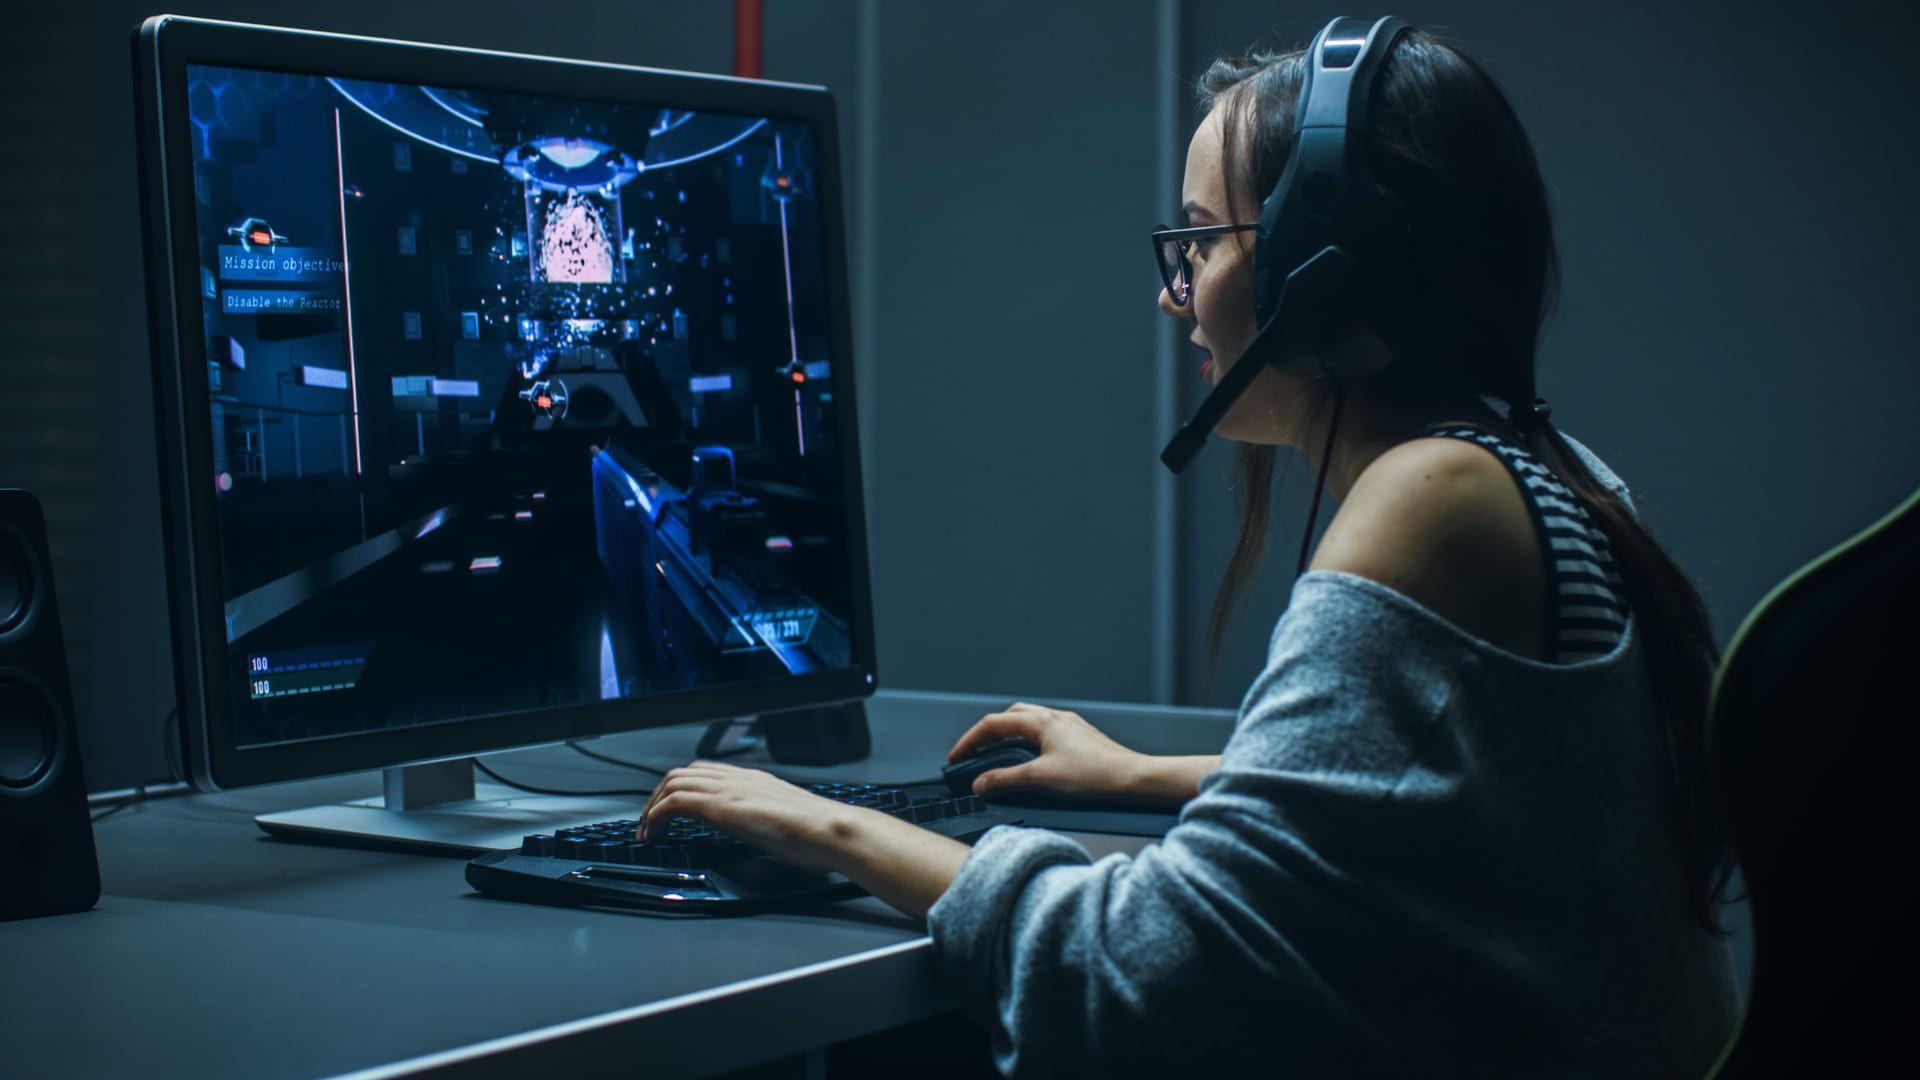 Mulher branca com headset jogando no computador de painel TN